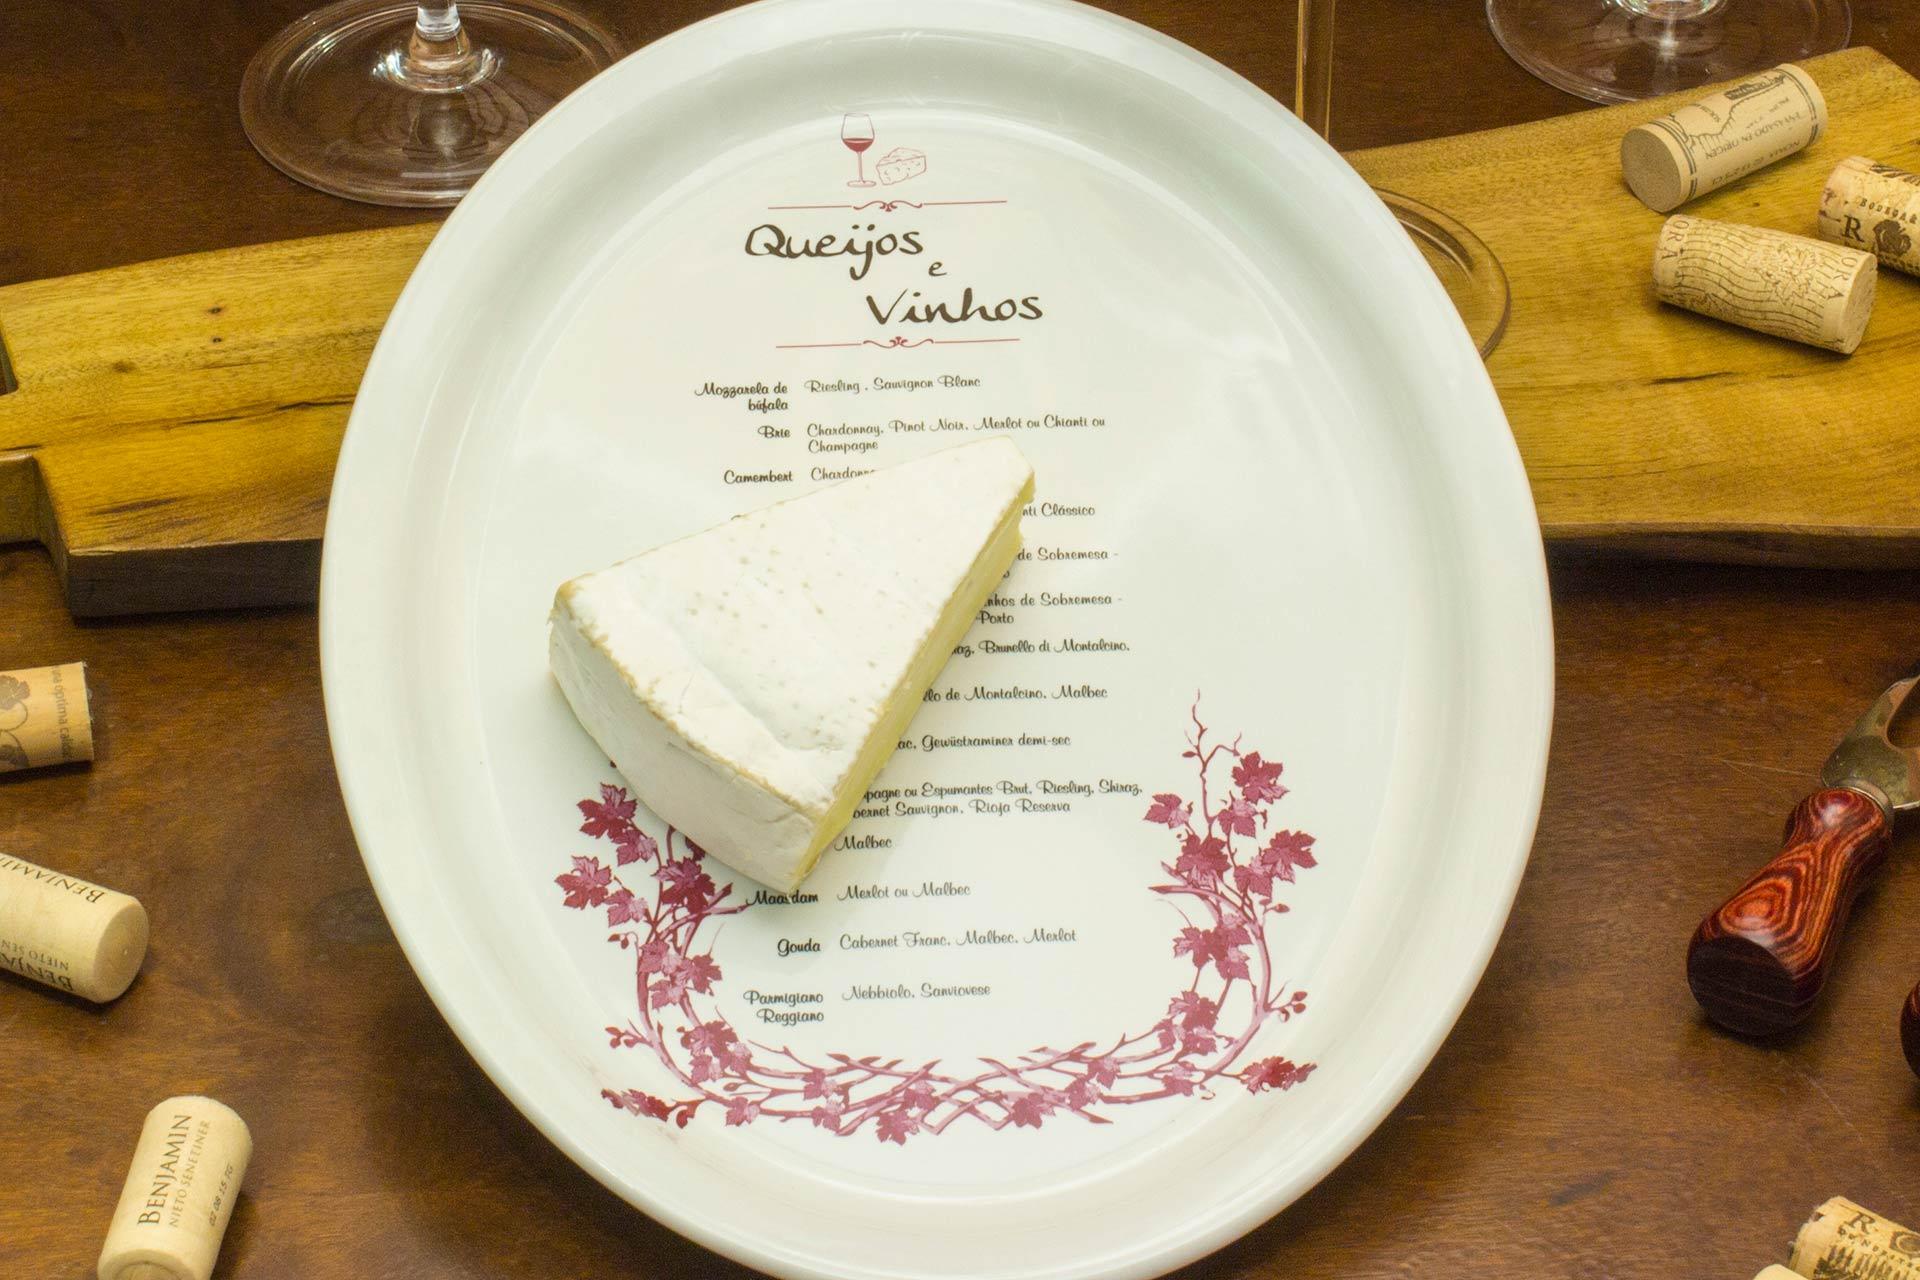 Imagem: Na hora de harmonizar queijos e vinhos, é importante levar em consideração os fatores como o teor de sal, gordura e persistência do sabor dos queijos. Foto: Equipe Oxford.